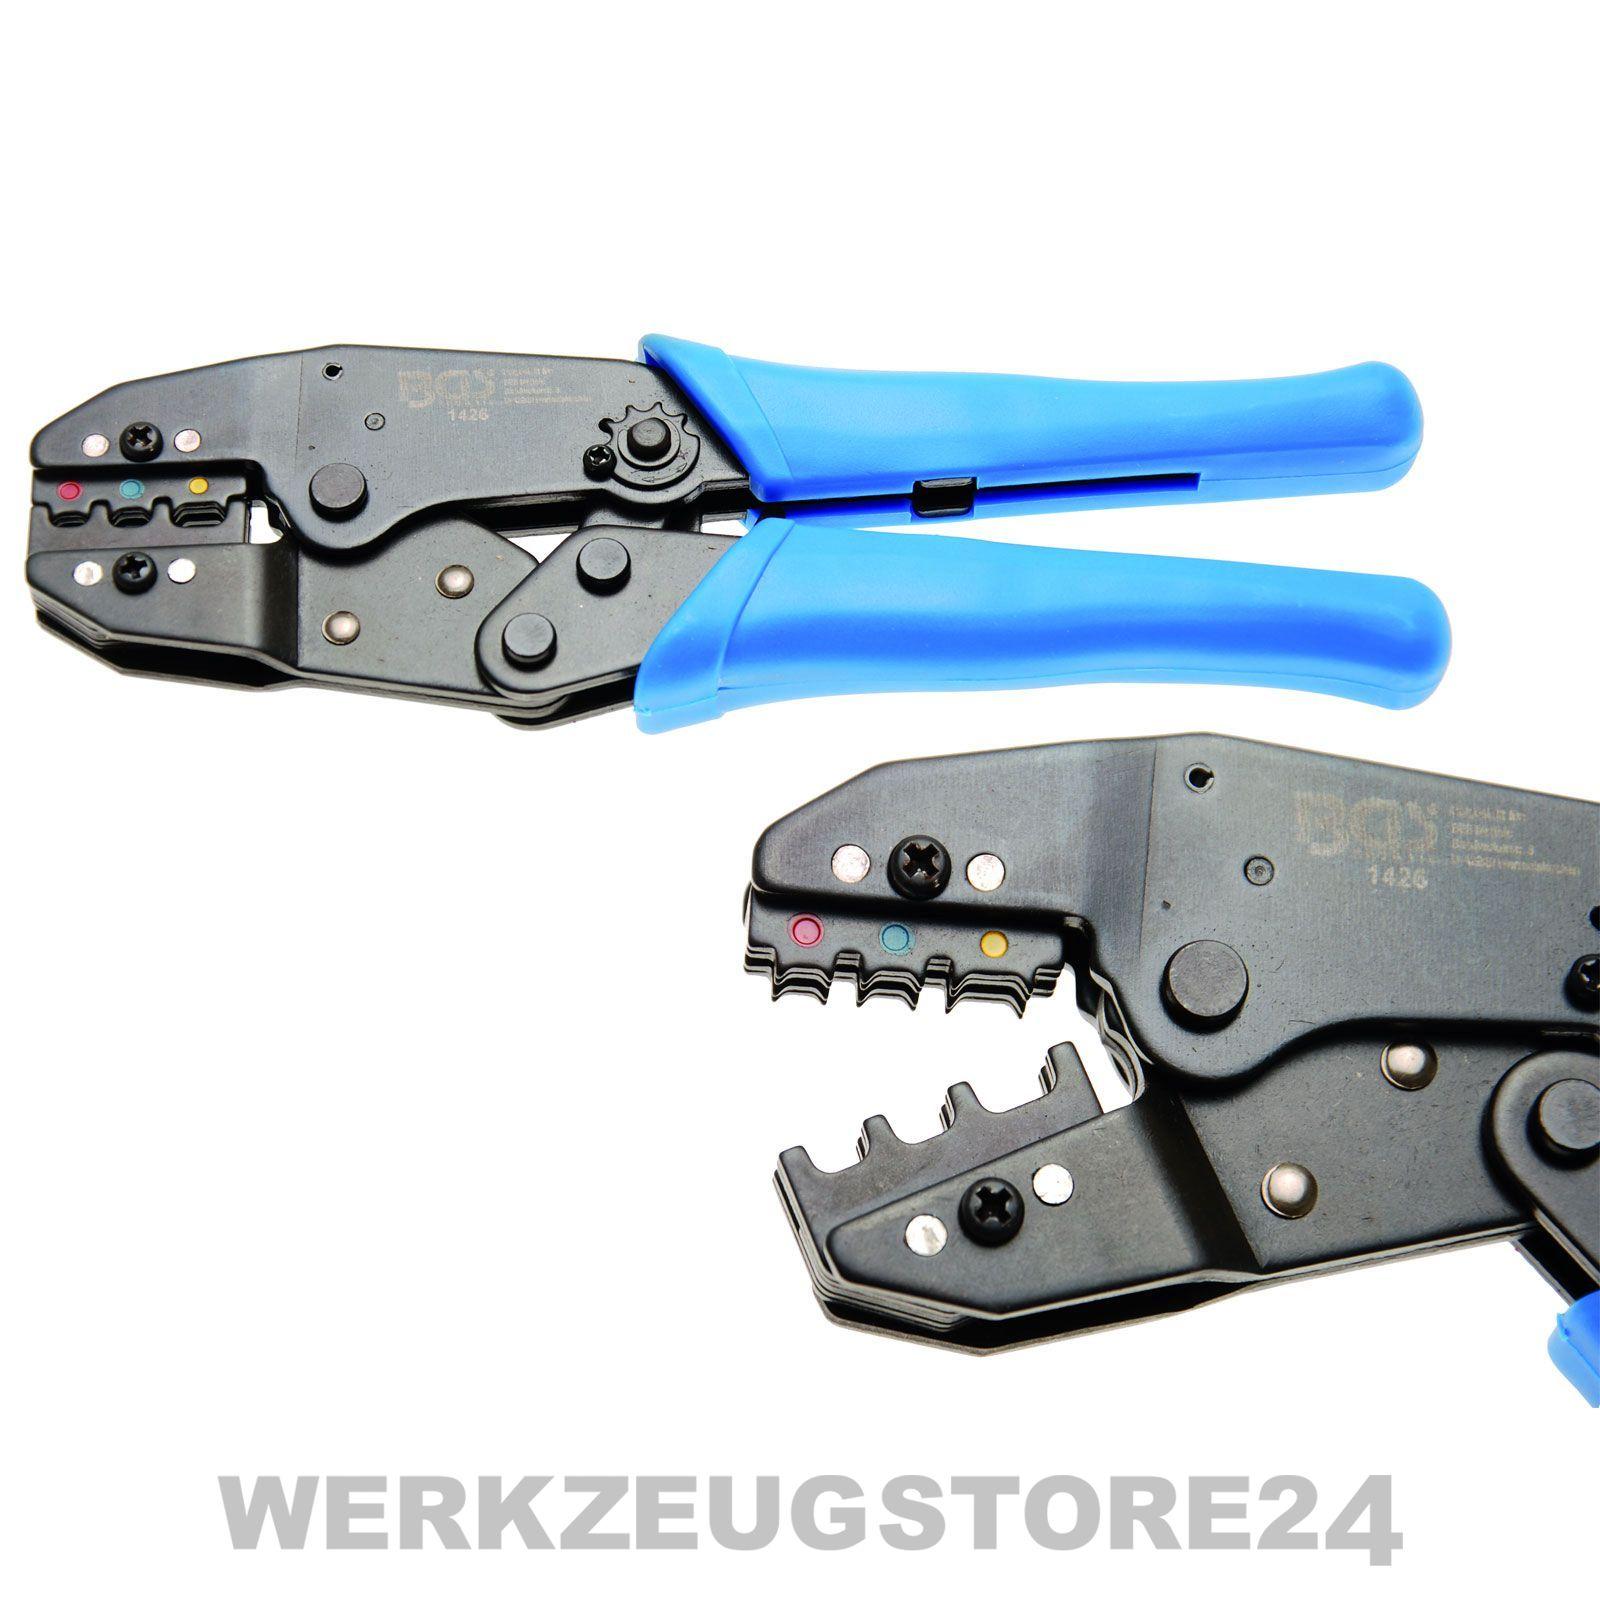 BGS Kabelschuhzange Ratschenfunktion Crimpzange Presszange 0,5-6 mm² 1426